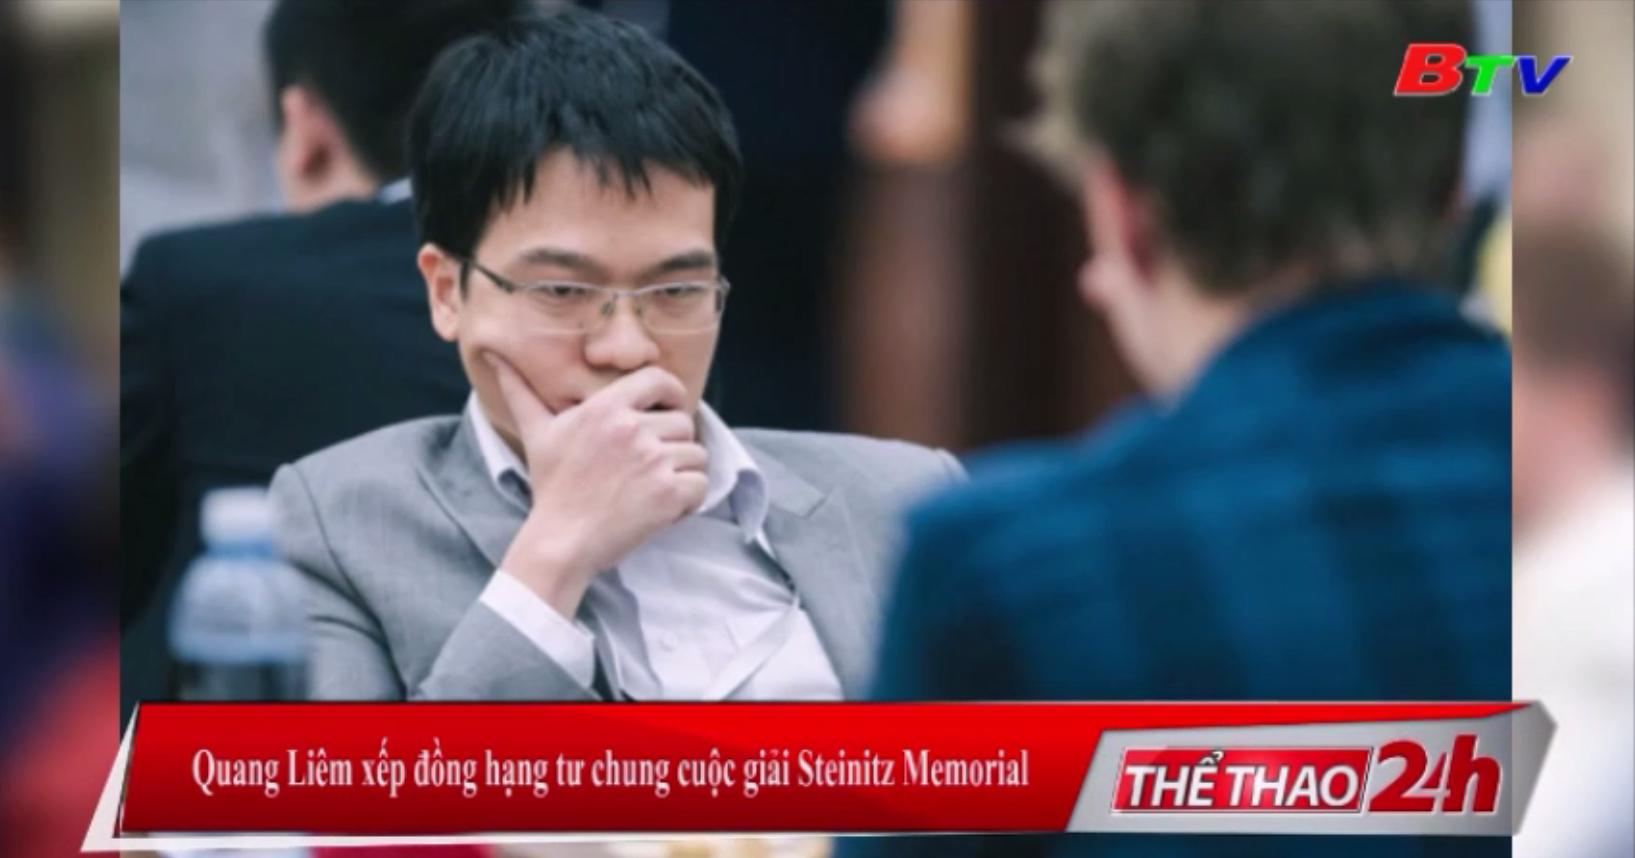 Quang Liêm xếp đồng hạng Tư chung cuộc giải Steinitz Memorial